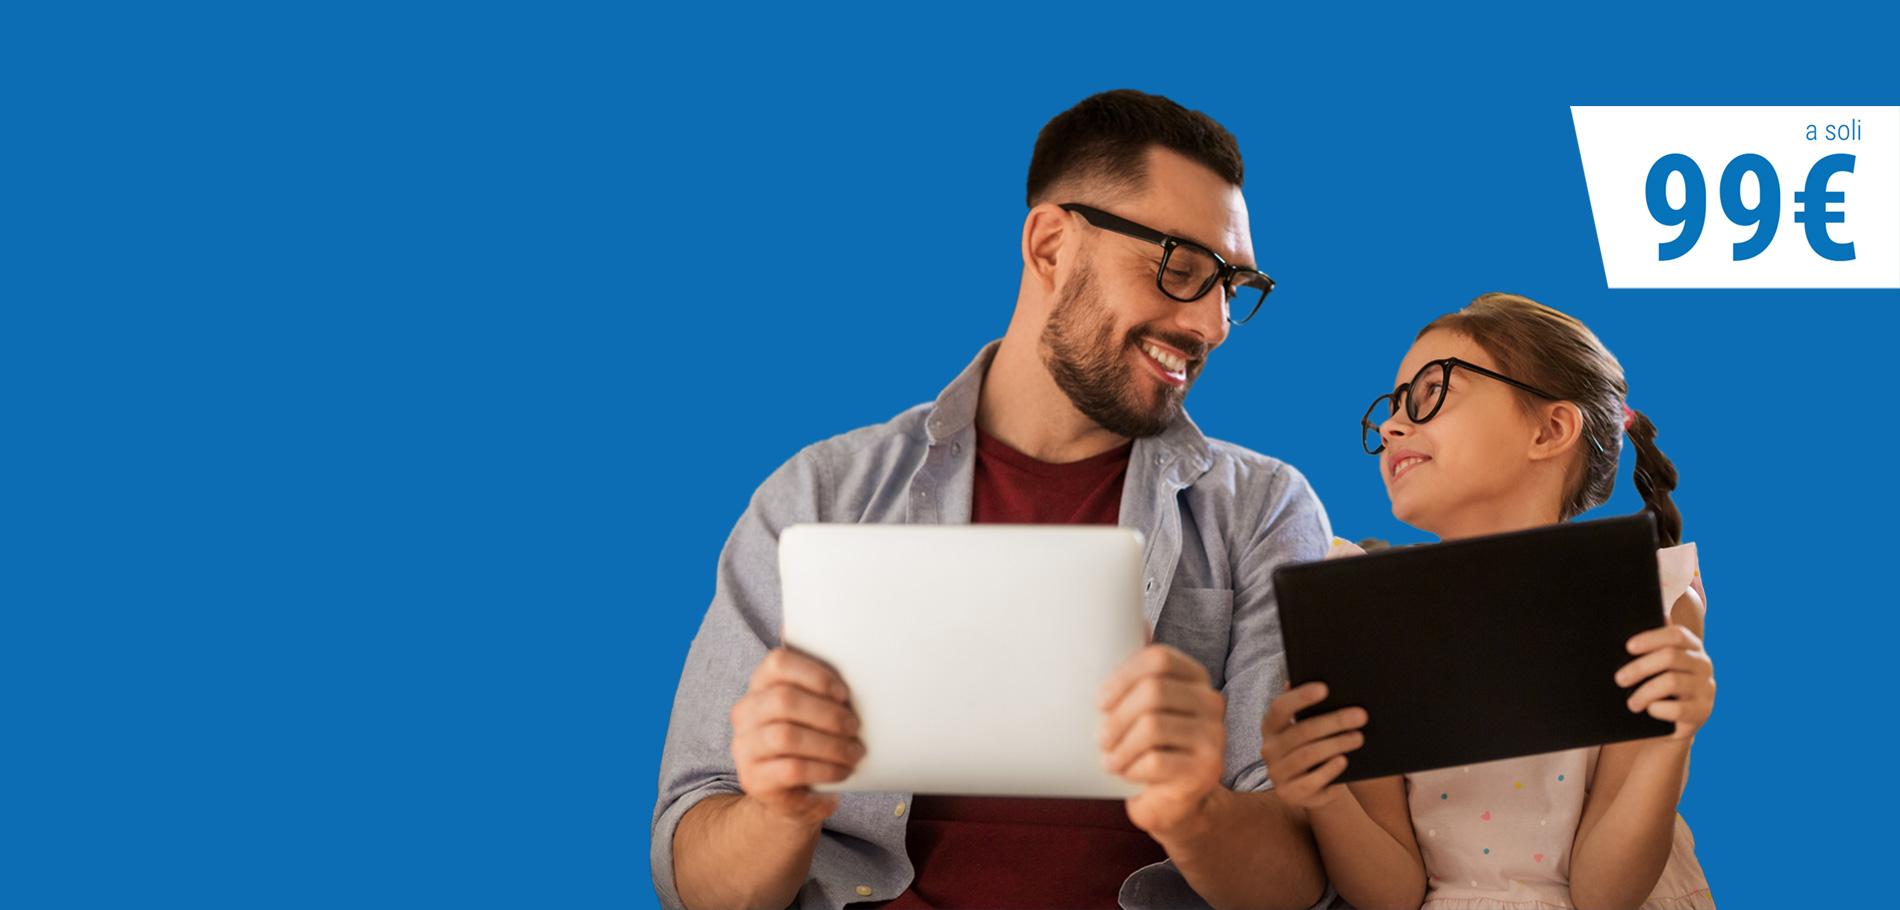 Occhiale anti luce blu, Campagna dei Centri Ottici Associati, Centro Ottico Nonantola